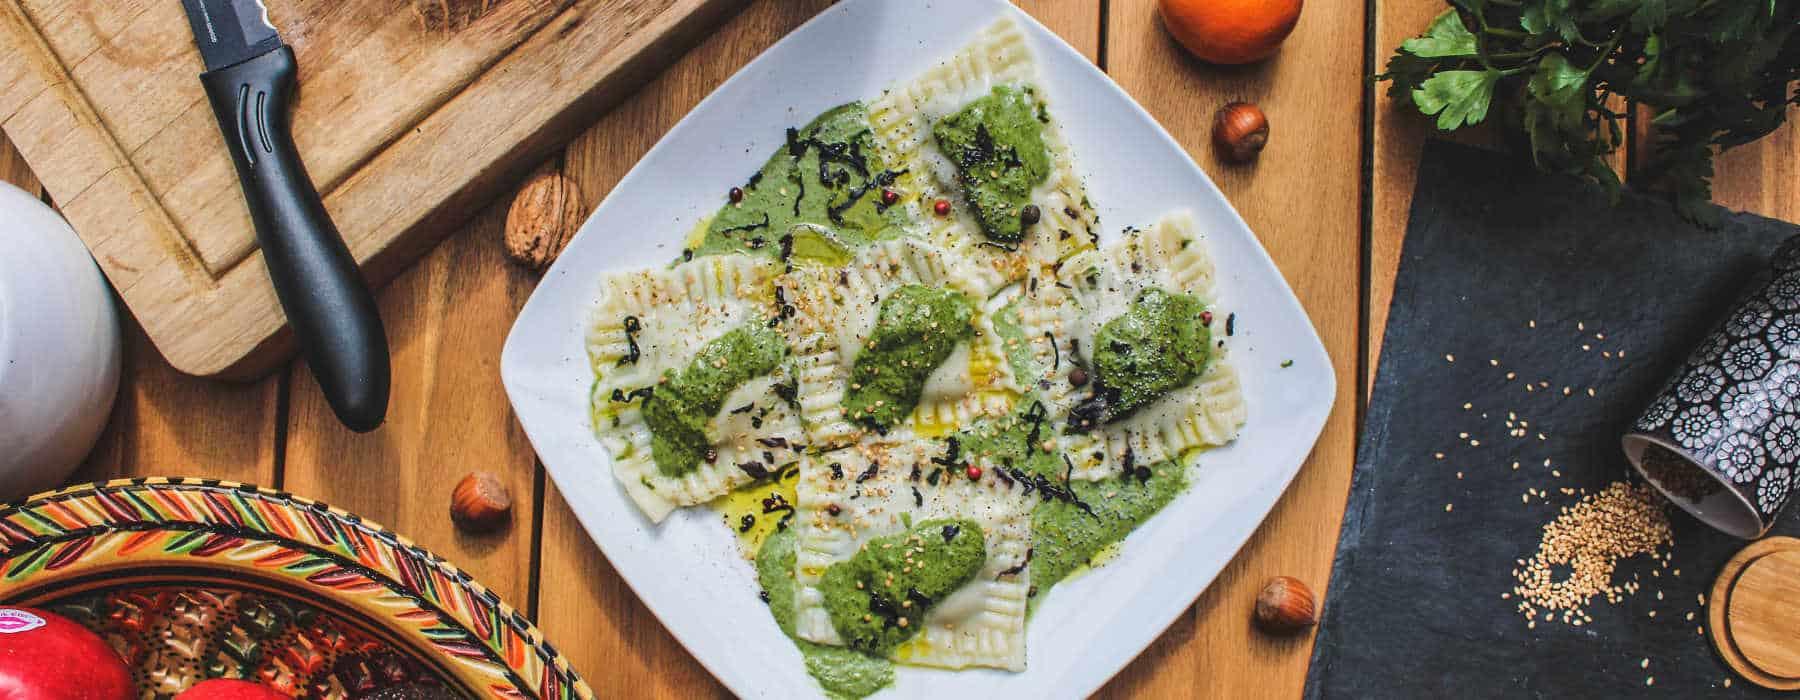 recette raviolis vegan epinards